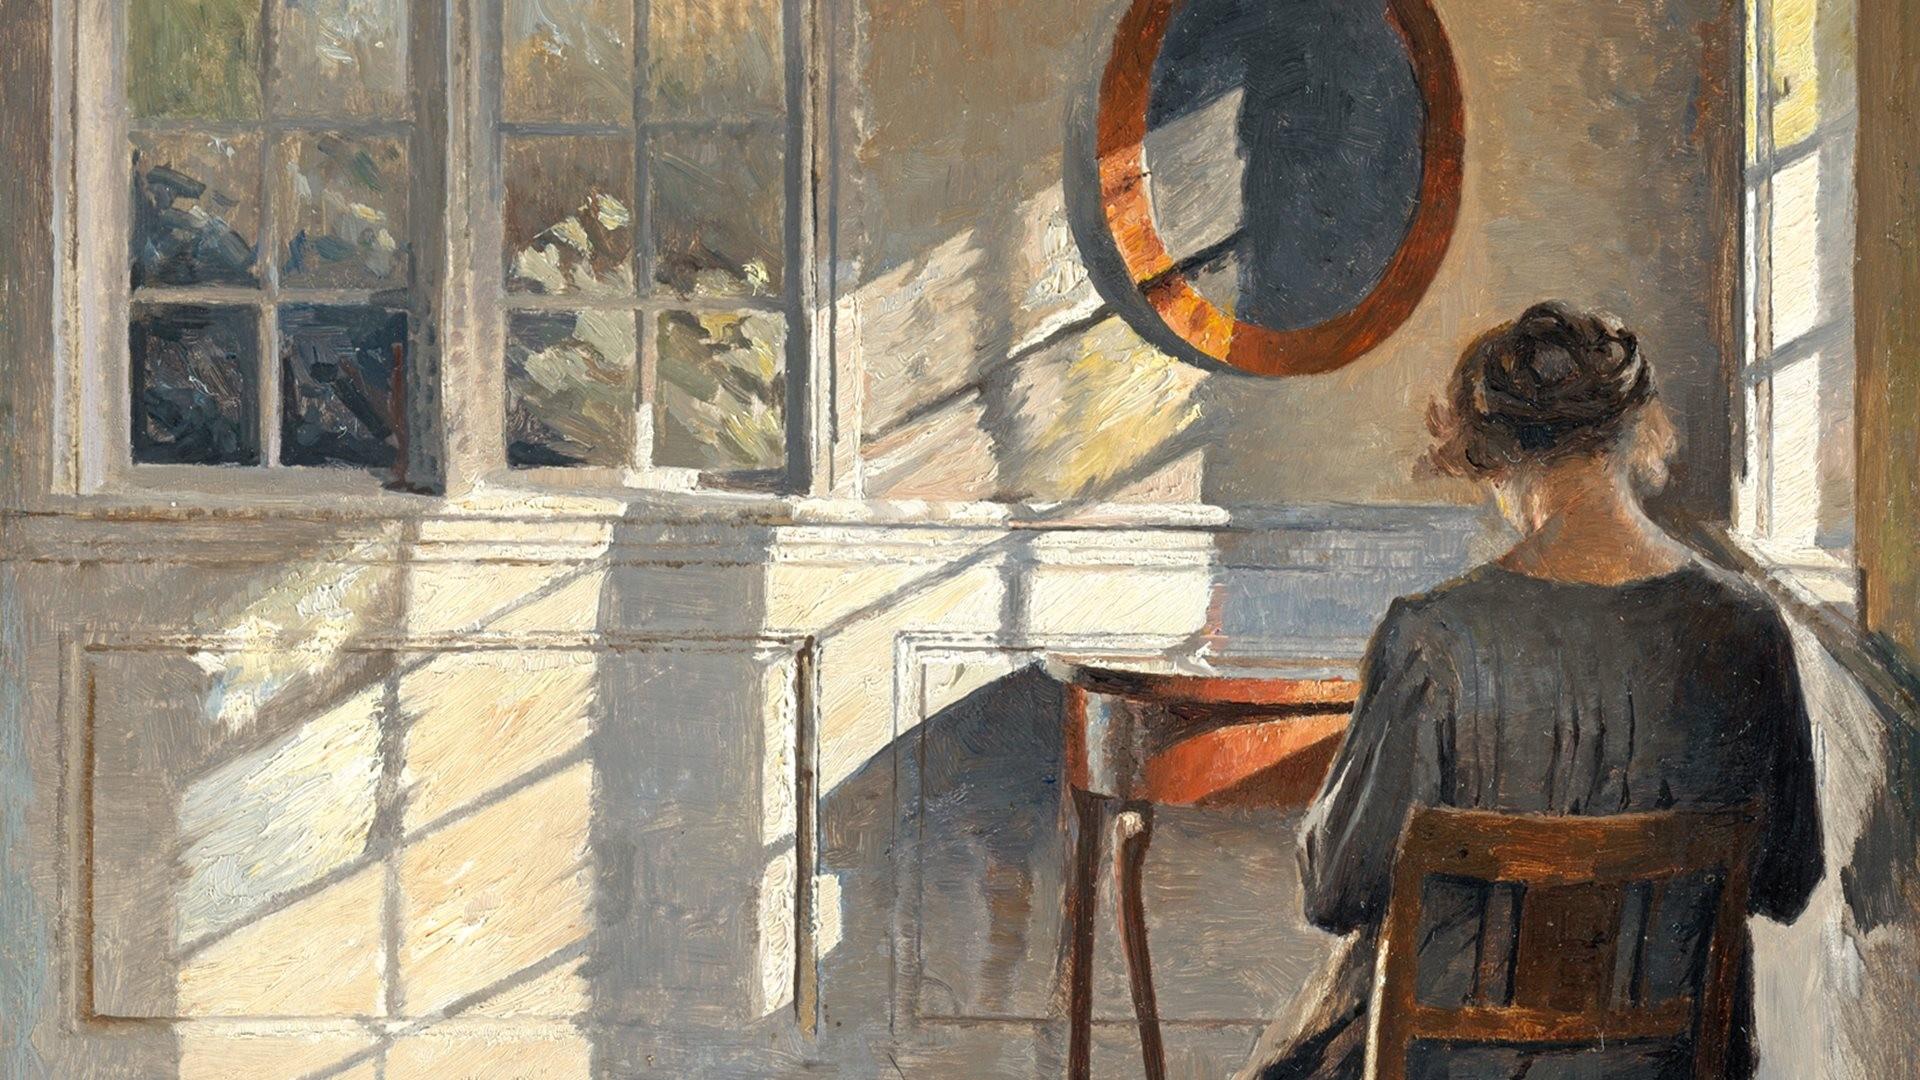 Hammershøi, le maître de la peinture danoise au musée Jacquemart André XfxHijAuVXoXT1GO6dpNojshJXq8F0UjsWdf8cKD